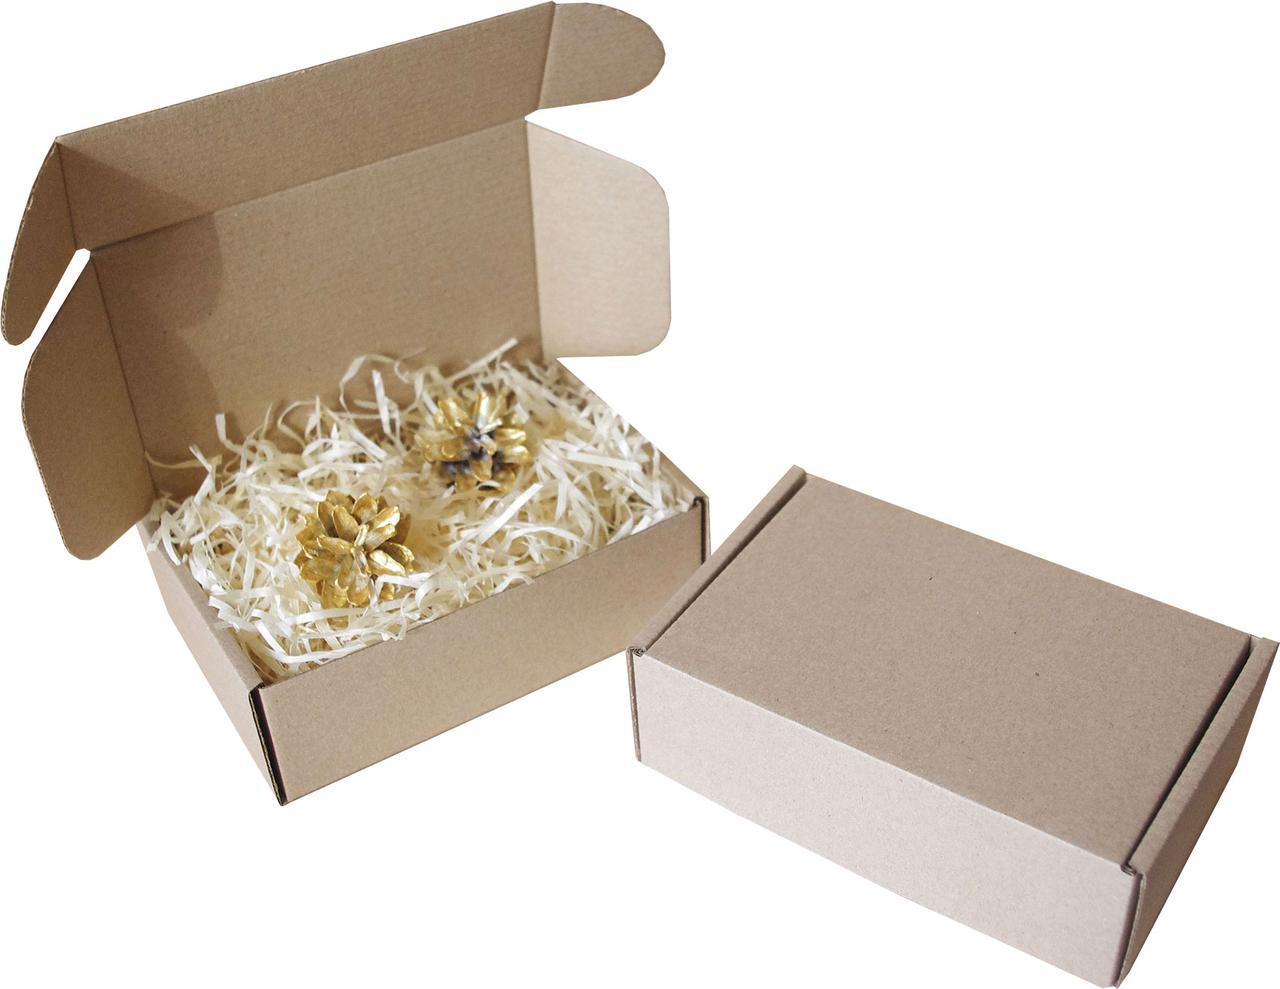 Подарочная коробка с сеном малая, Ш150хД100хВ50мм